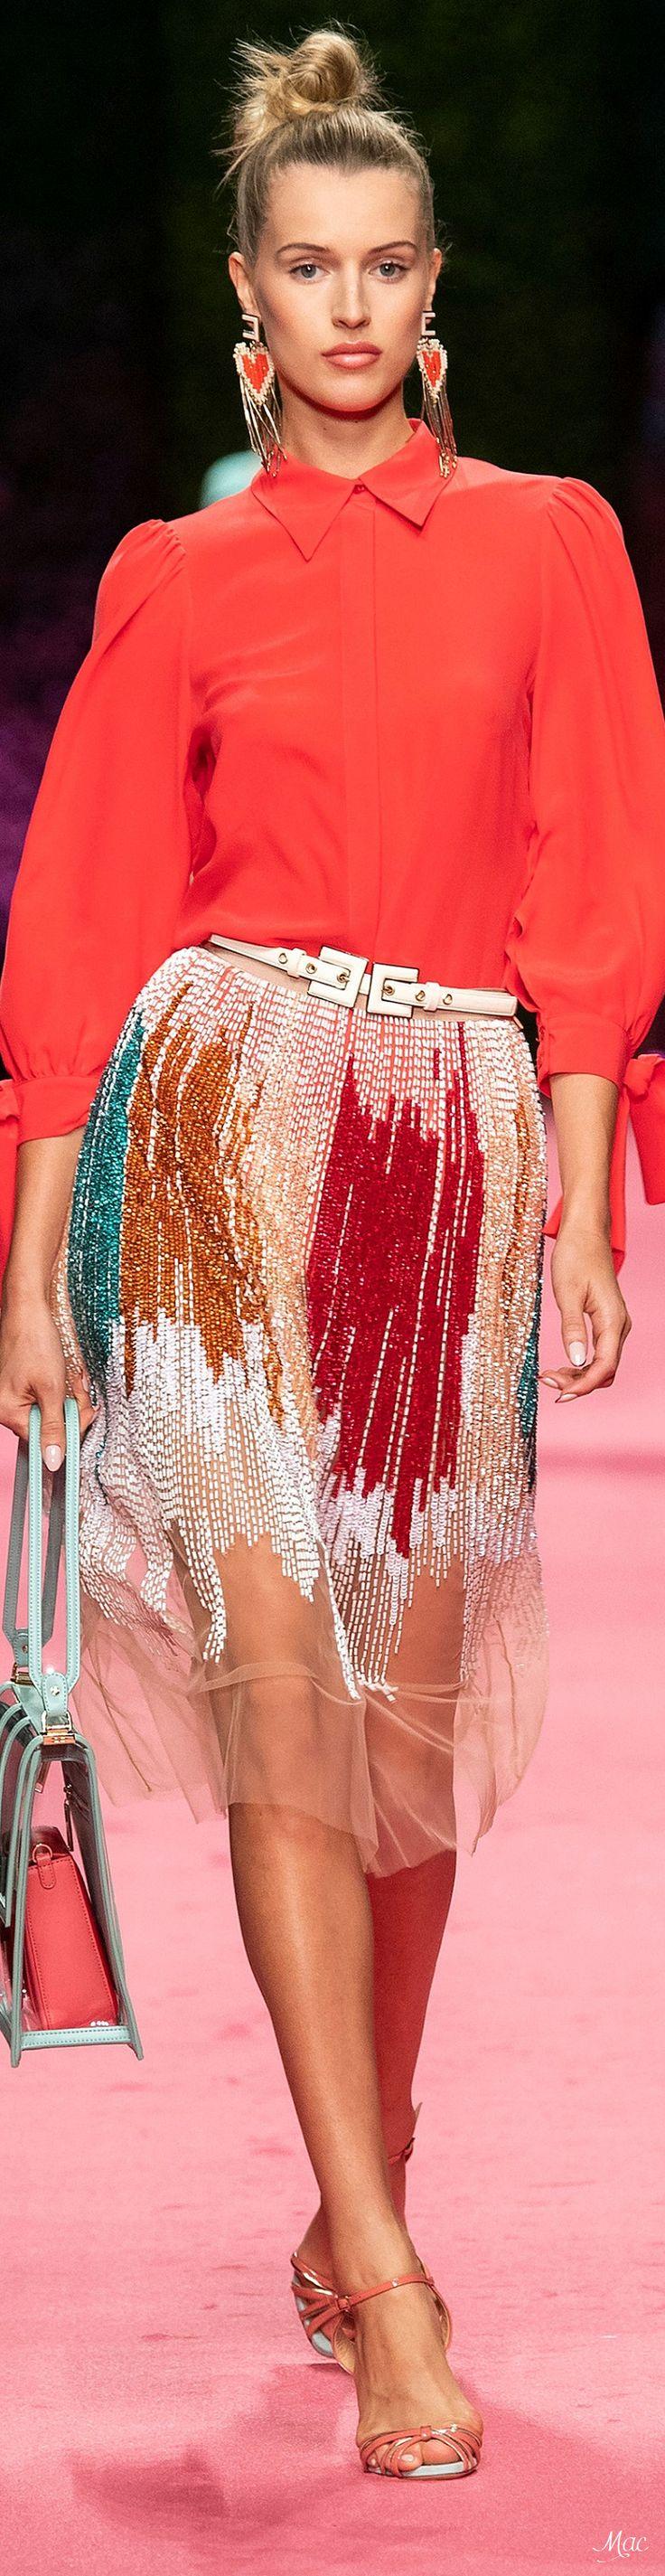 Elisabetta Franchi Spring 2019 Fashion Show #spring2019 #ss19 #womenswear #elisa…